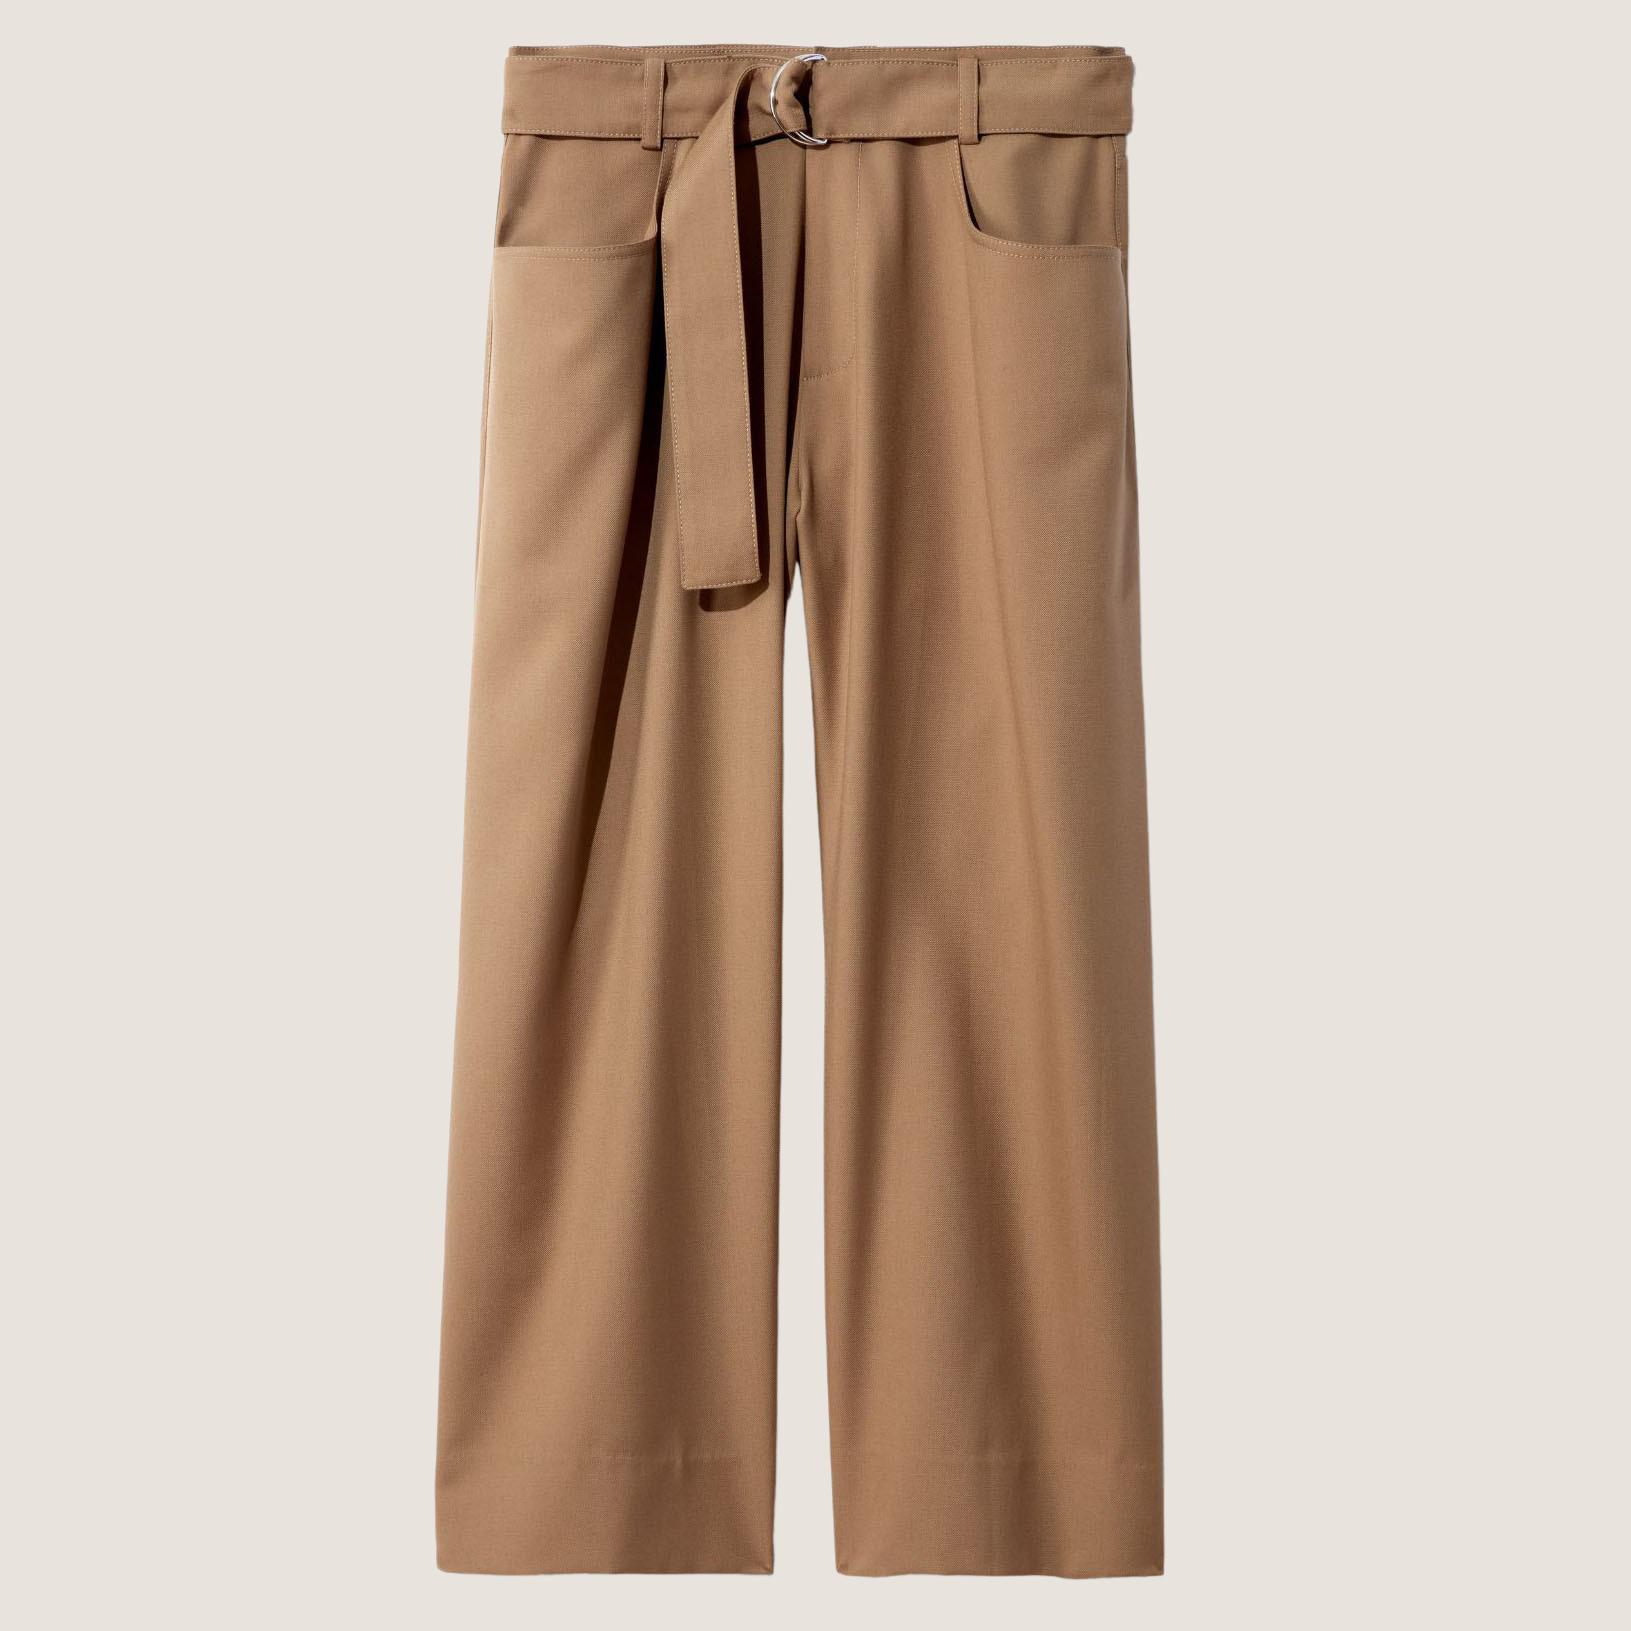 High Waist Wool Pants